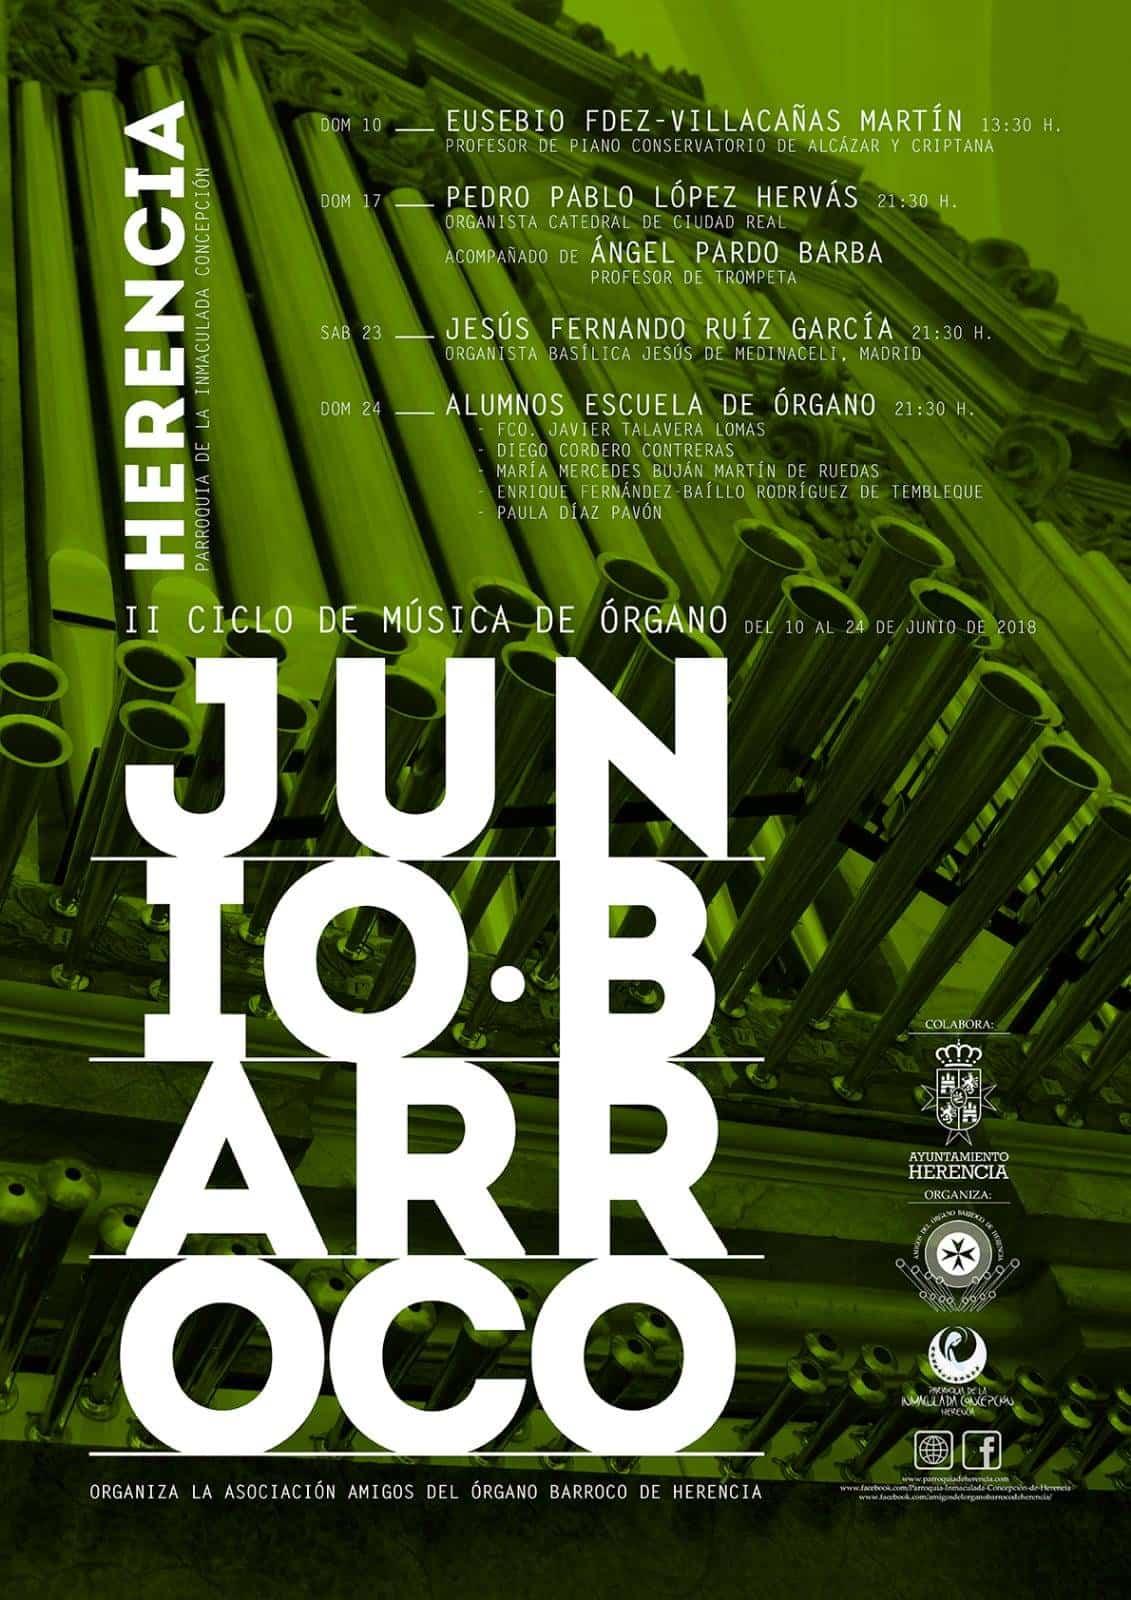 """junio barroco herencia 2 - Continúan los conciertos de órgano del II ciclo de música """"Junio Barroco"""""""